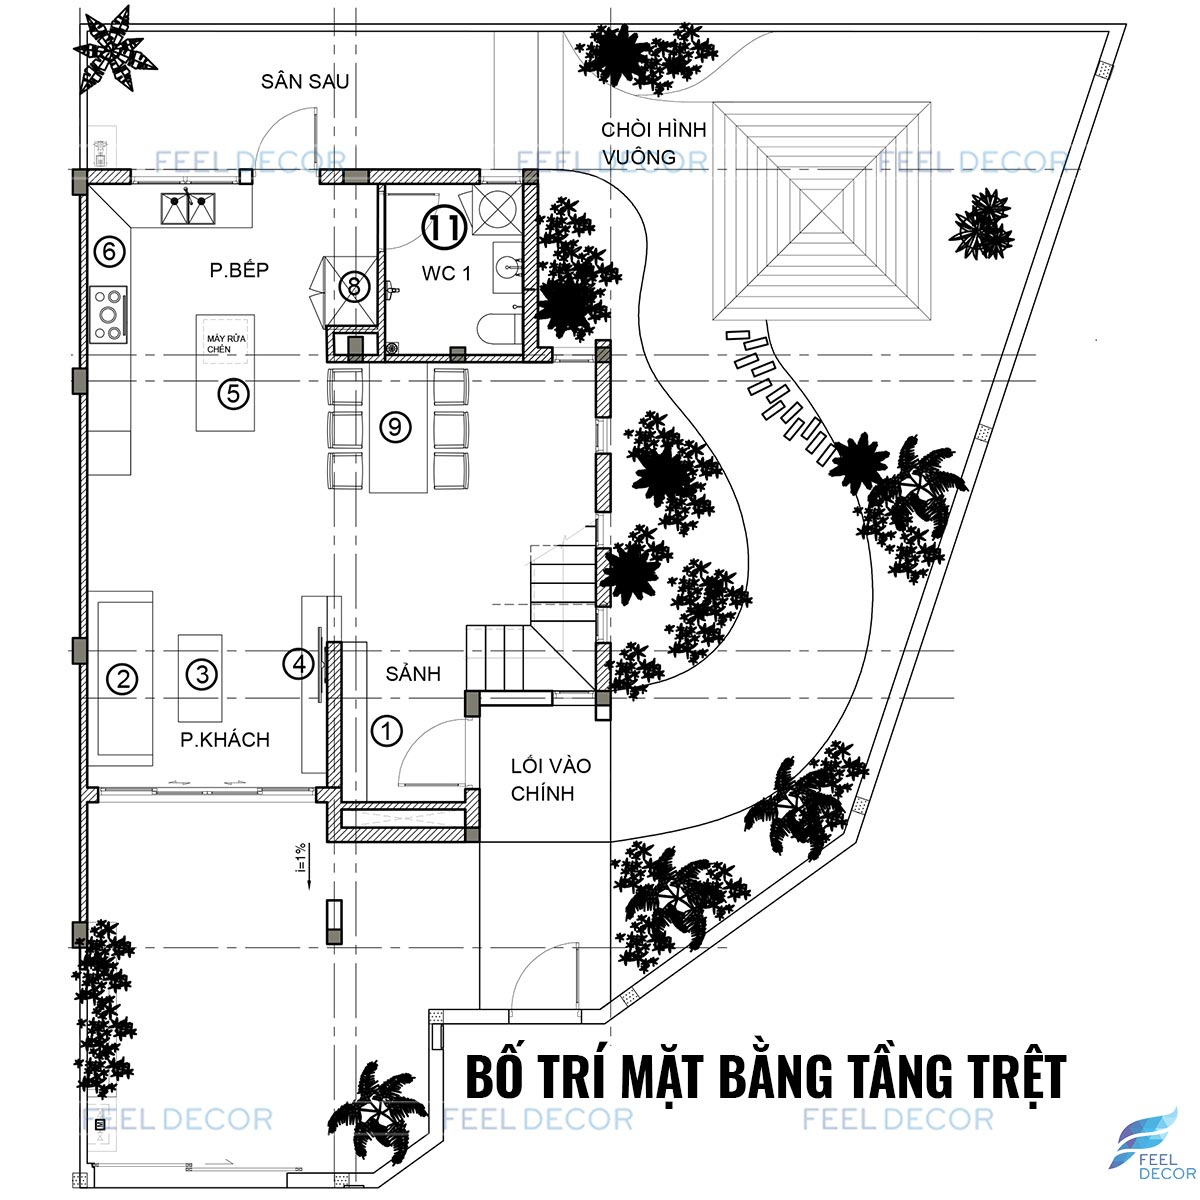 Thiết kế mặt bằng nội thất nhà phố Quận 9 Tầng trệt